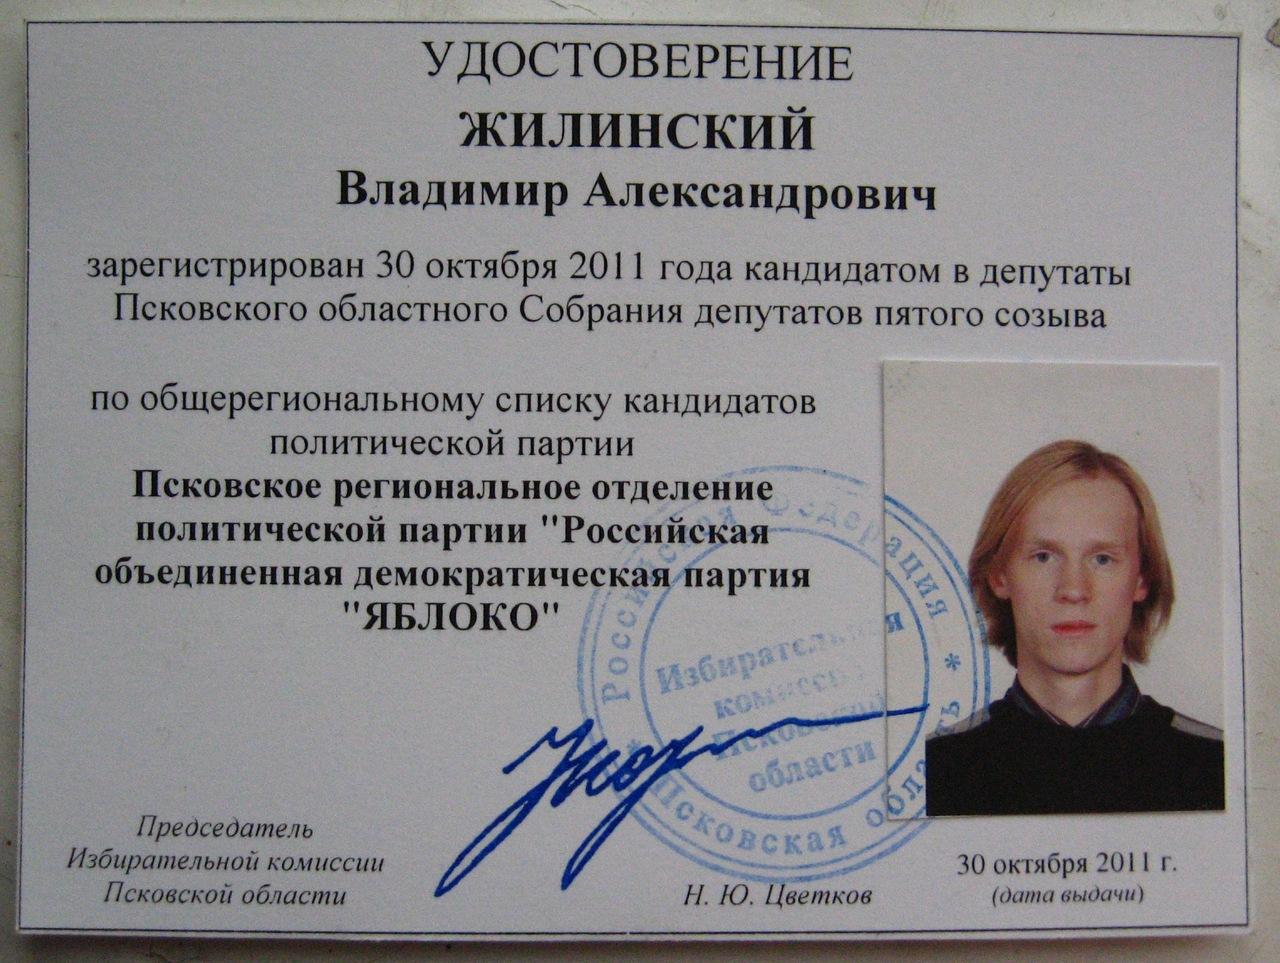 Удостоверение кандидата в депутаты